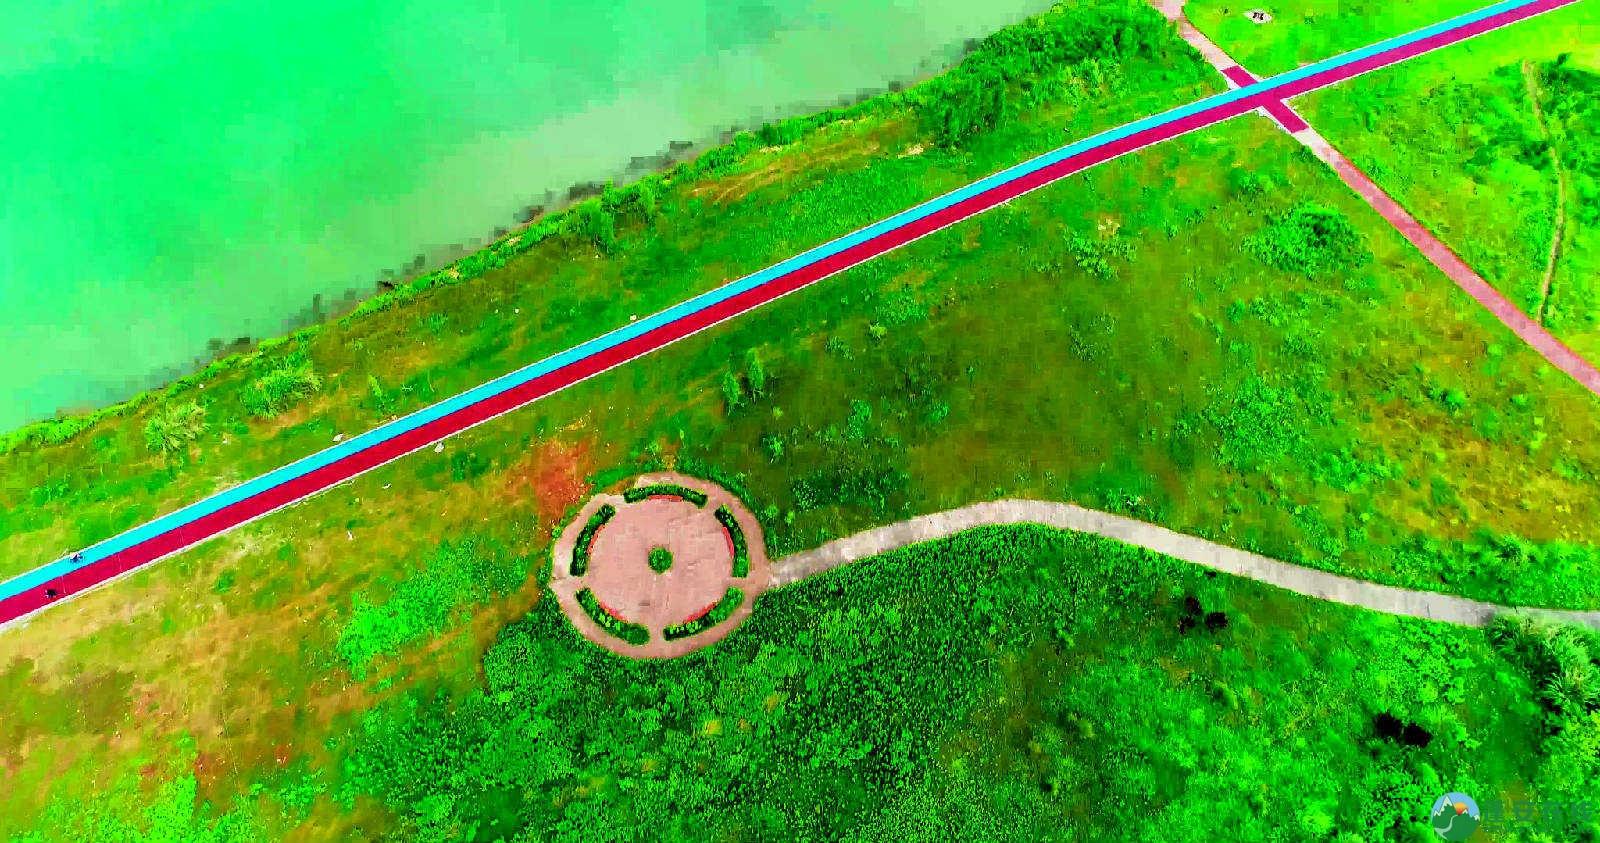 蓬安锦屏湿地公园双色跑道 - 第2张  | 蓬安在线